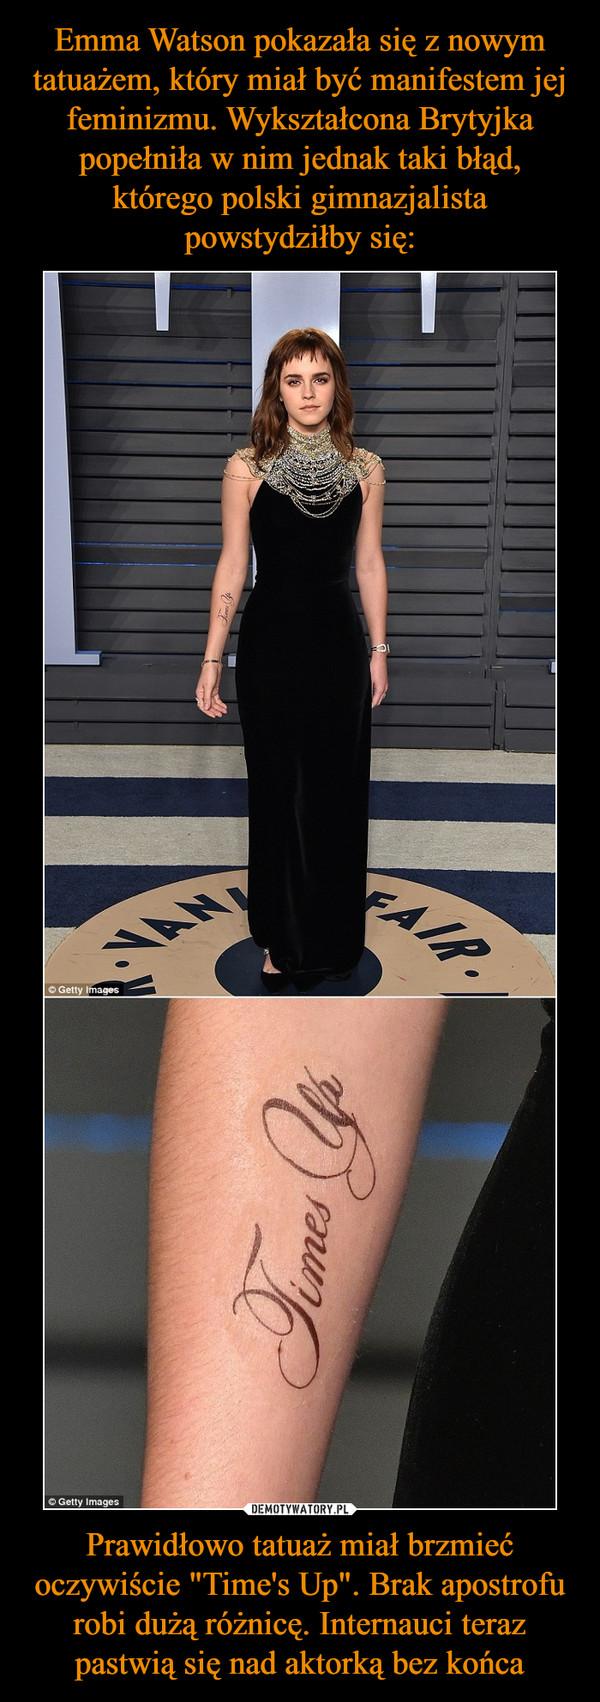 """Prawidłowo tatuaż miał brzmieć oczywiście """"Time's Up"""". Brak apostrofu robi dużą różnicę. Internauci teraz pastwią się nad aktorką bez końca –"""